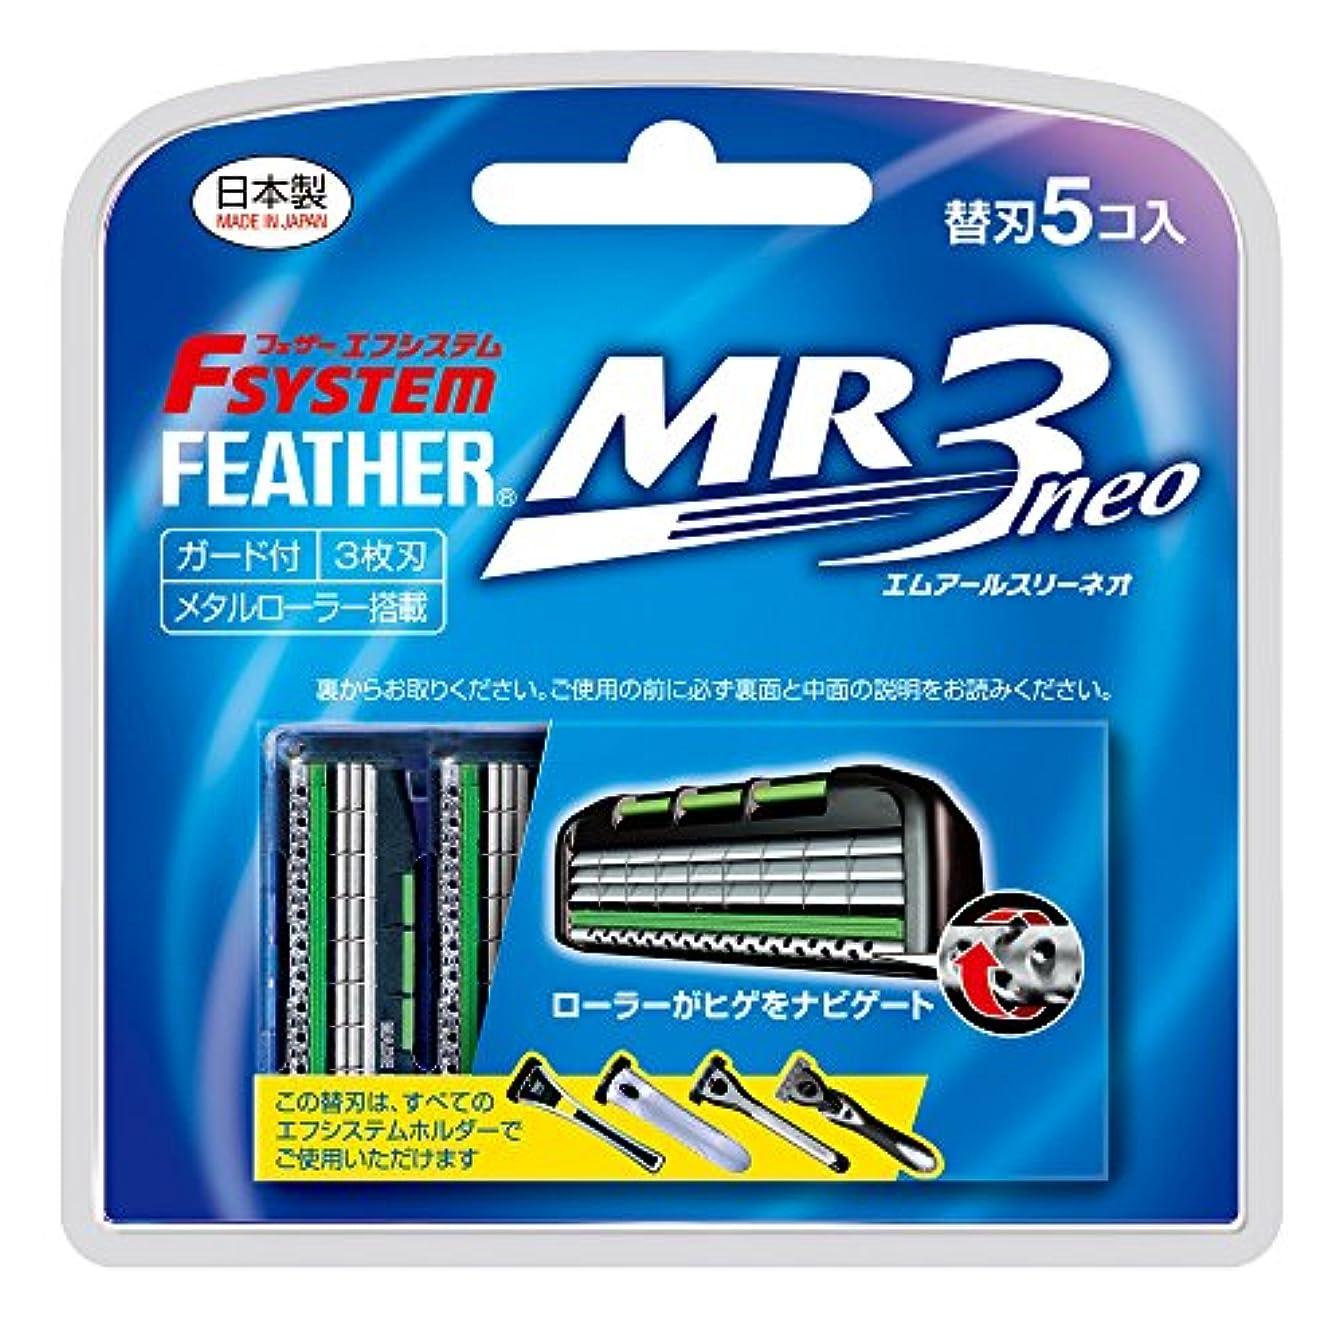 青結紮空虚フェザー エフシステム 替刃 MR3ネオ 5コ入